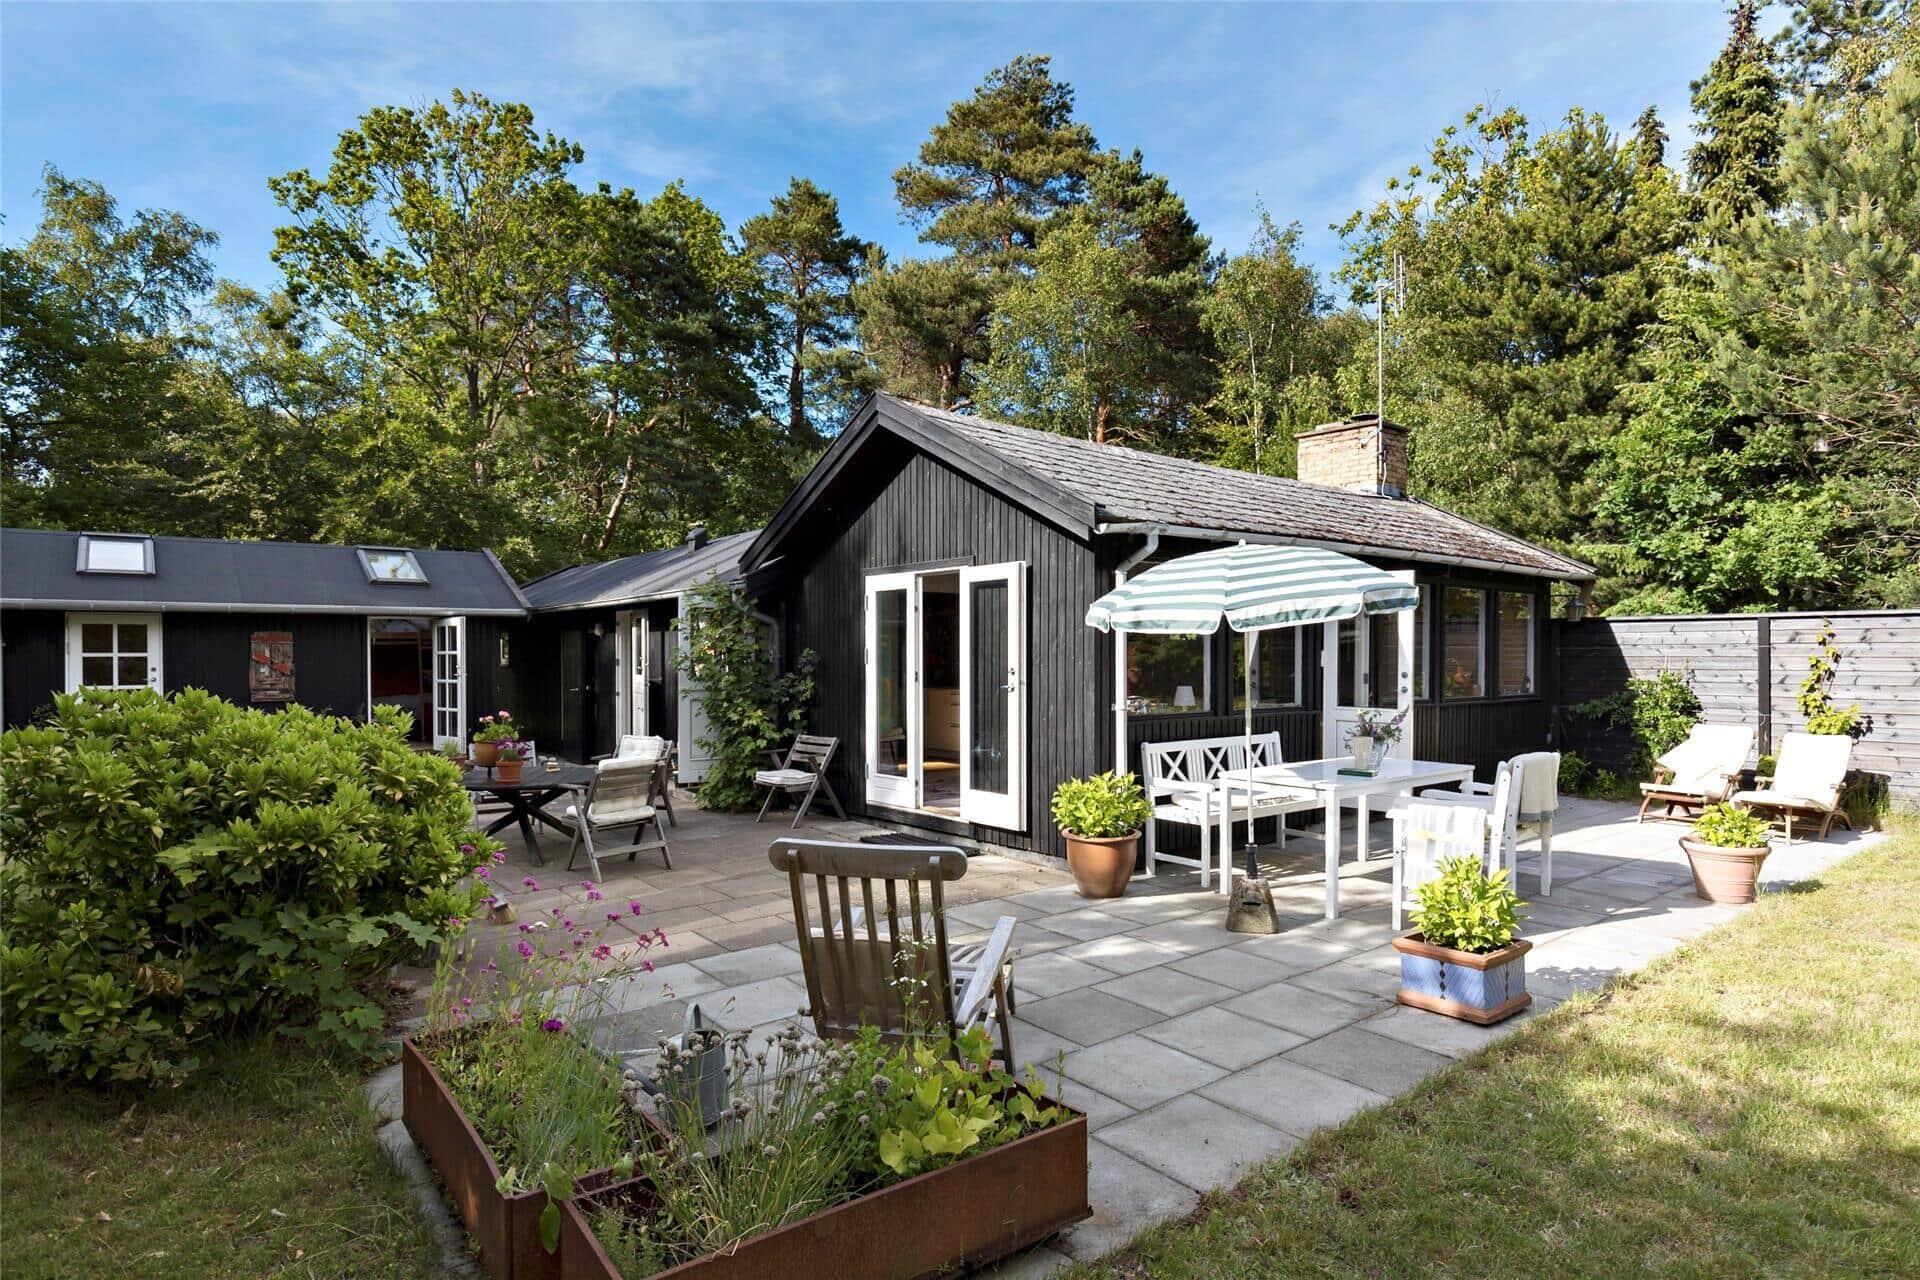 Billede 1-17 Sommerhus 10022, Degnevænget 12, DK - 4581 Rørvig